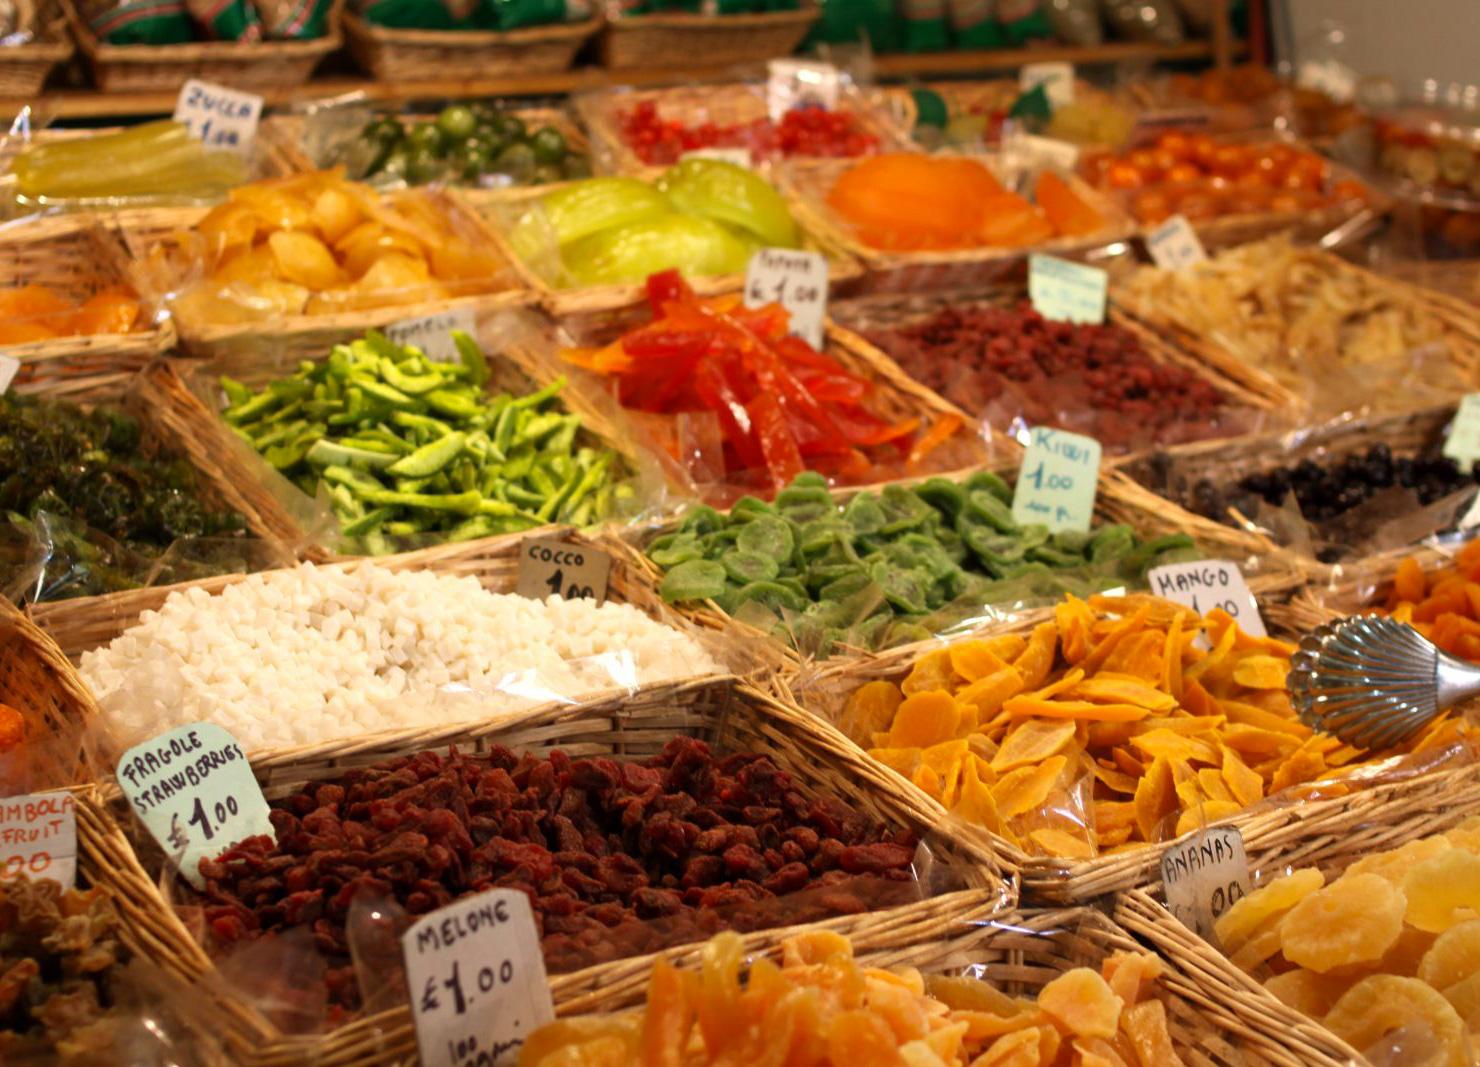 Italiani fan dei prodotti biologici: l'identikit del consumatore